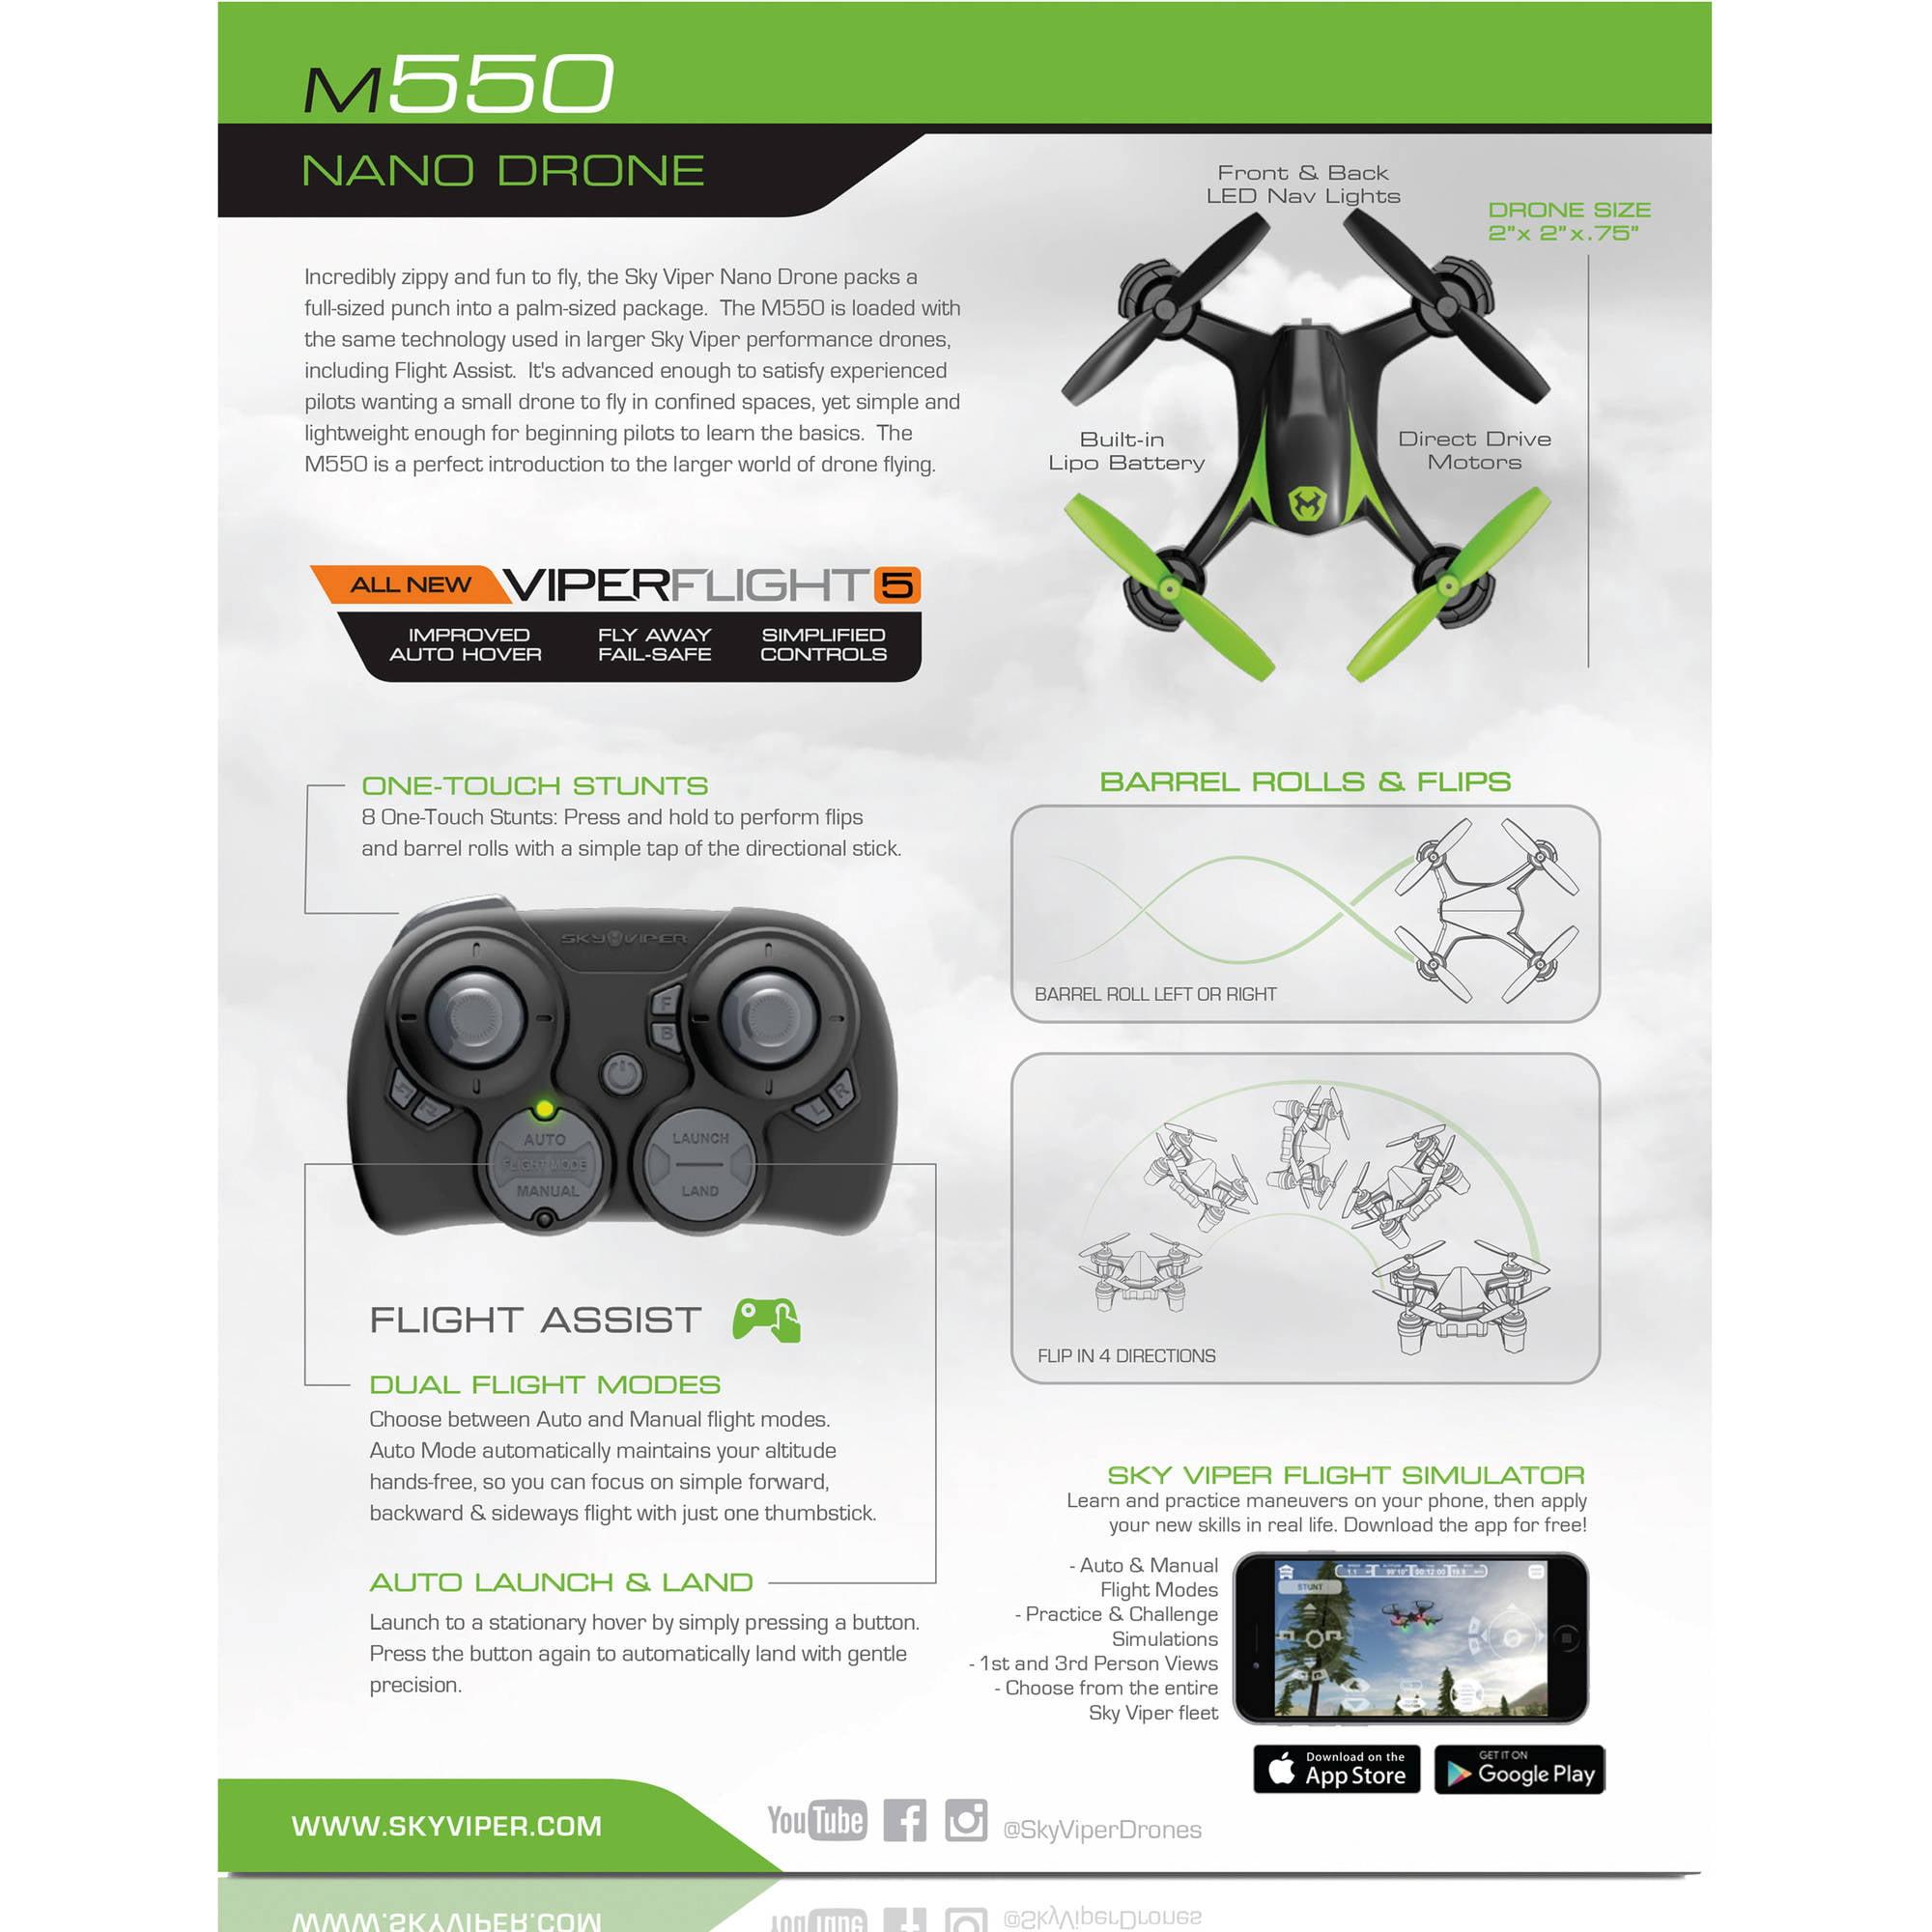 Sky Viper M550 Nano Drone Walmartcom